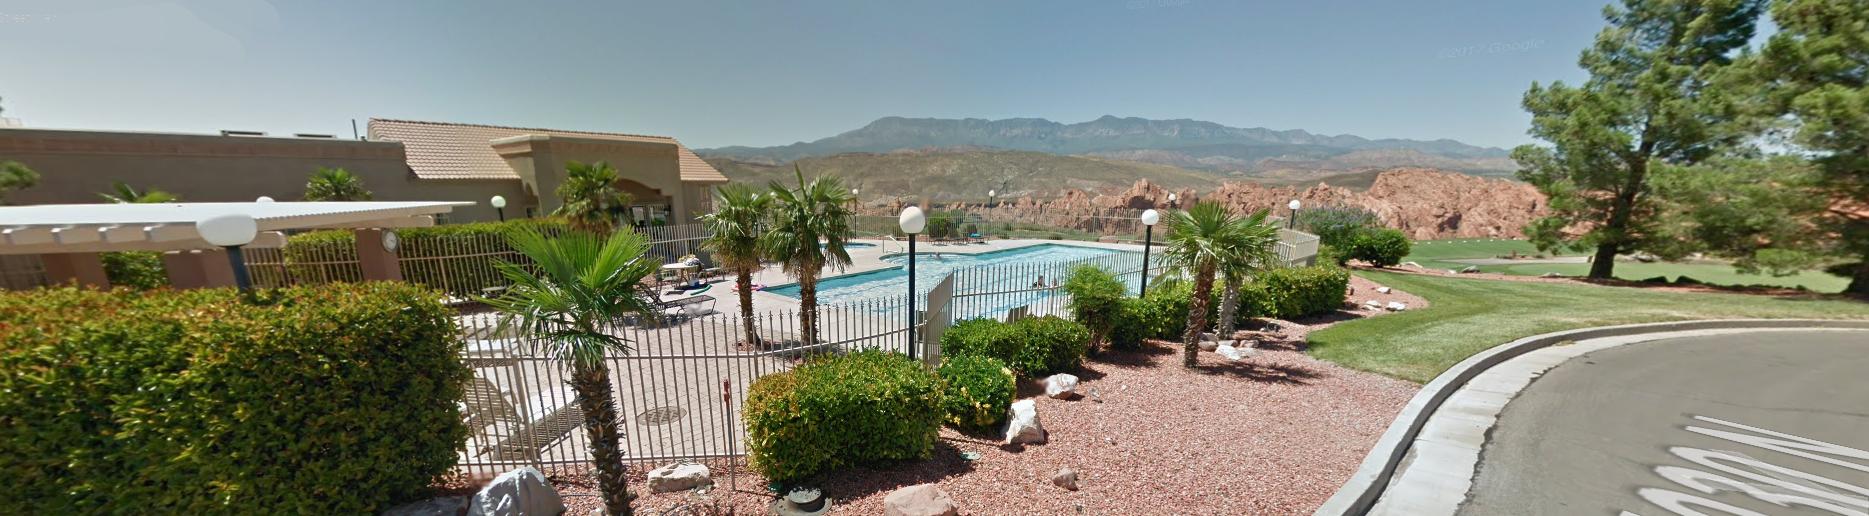 Sky Mountain Estates Clubhouse Pool Views